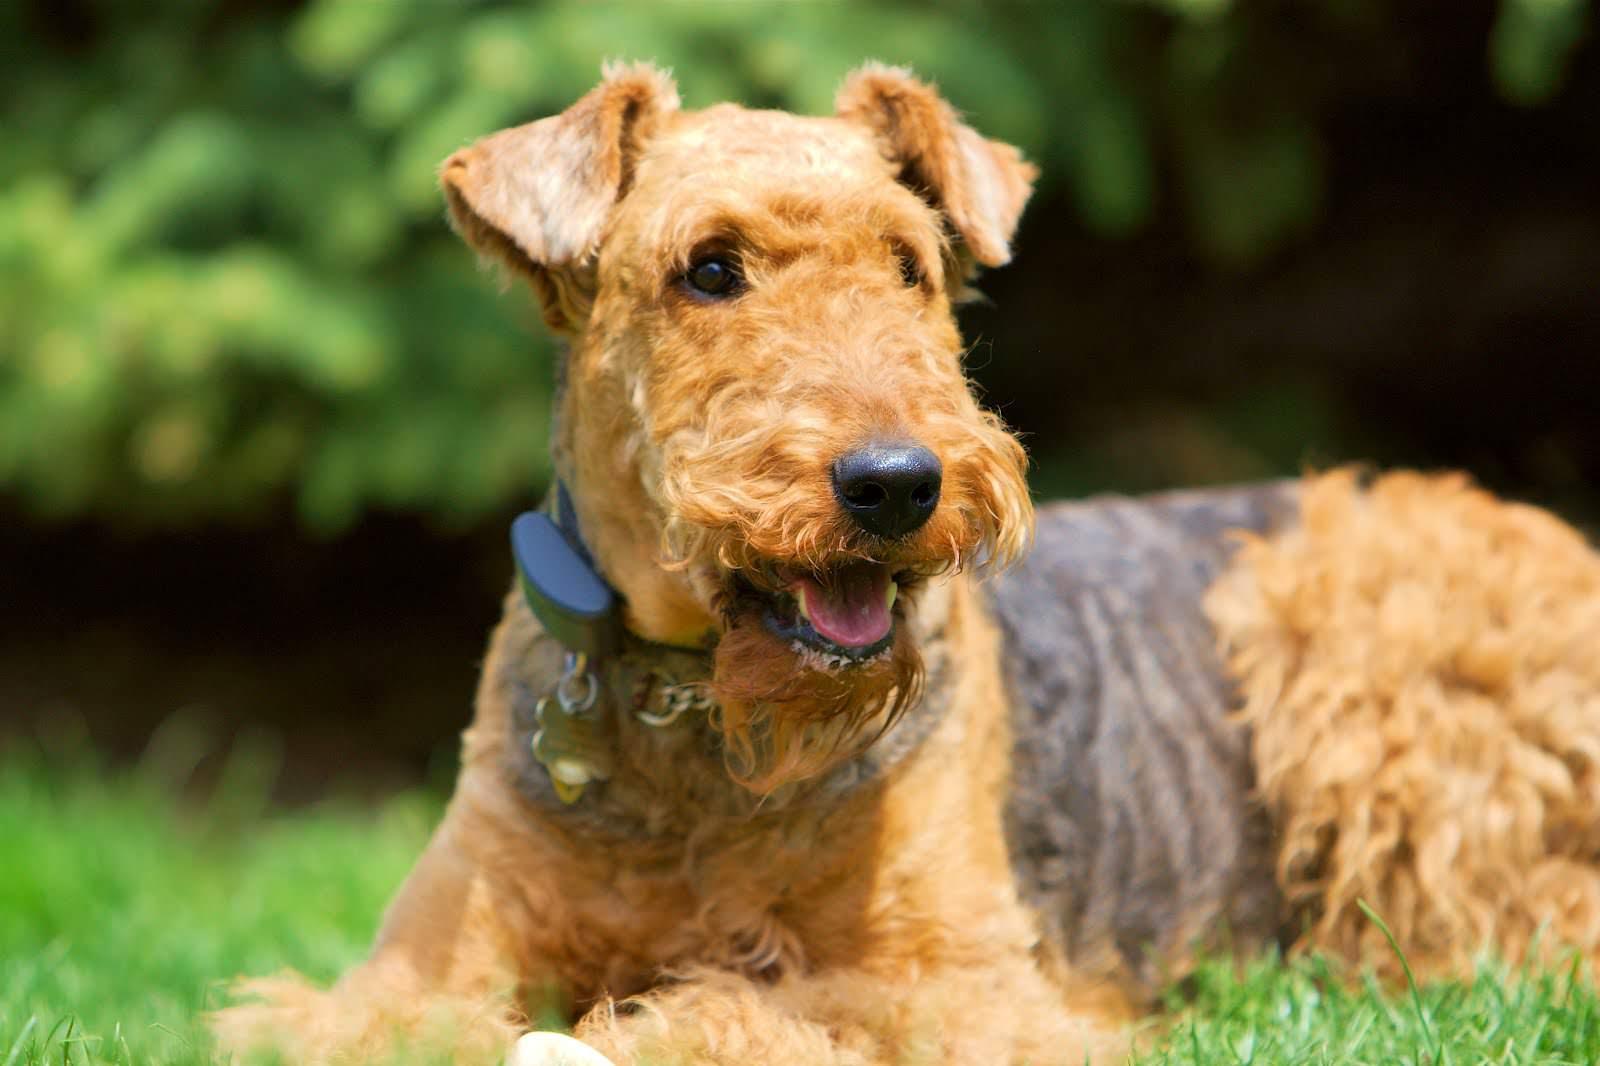 Названия, описание и фото самых известных английских пород собак, редкие и старинные виды